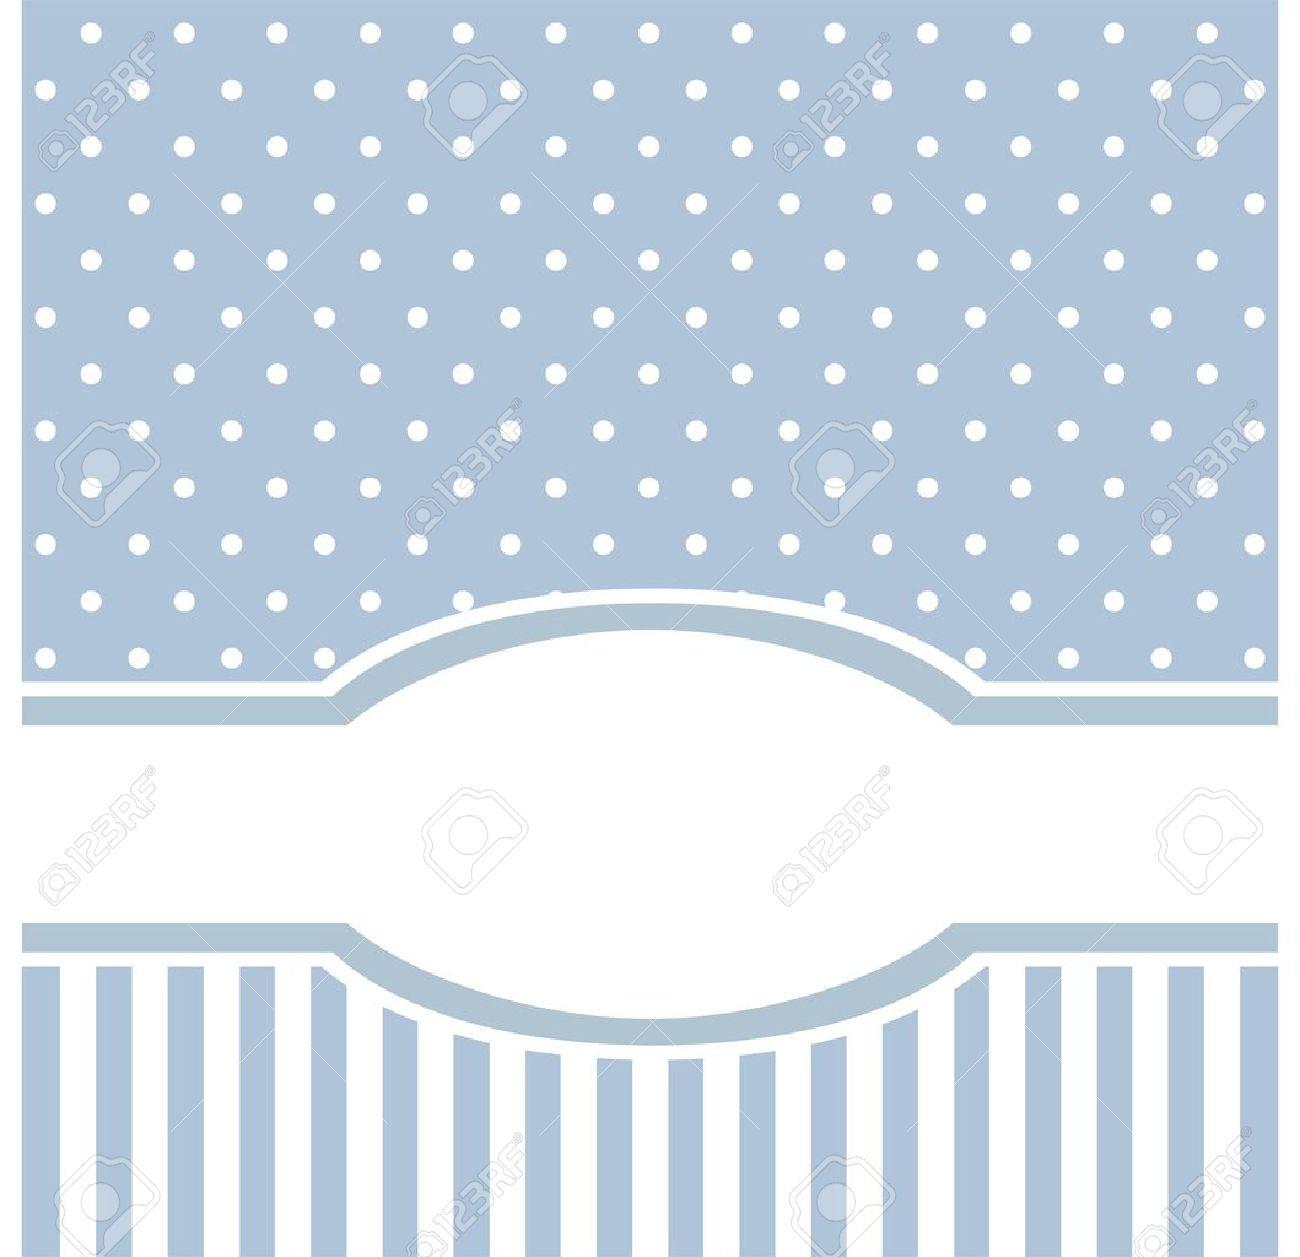 Tarjeta De Dulce Vector Azul O Una Invitacion Para El Cumpleanos O